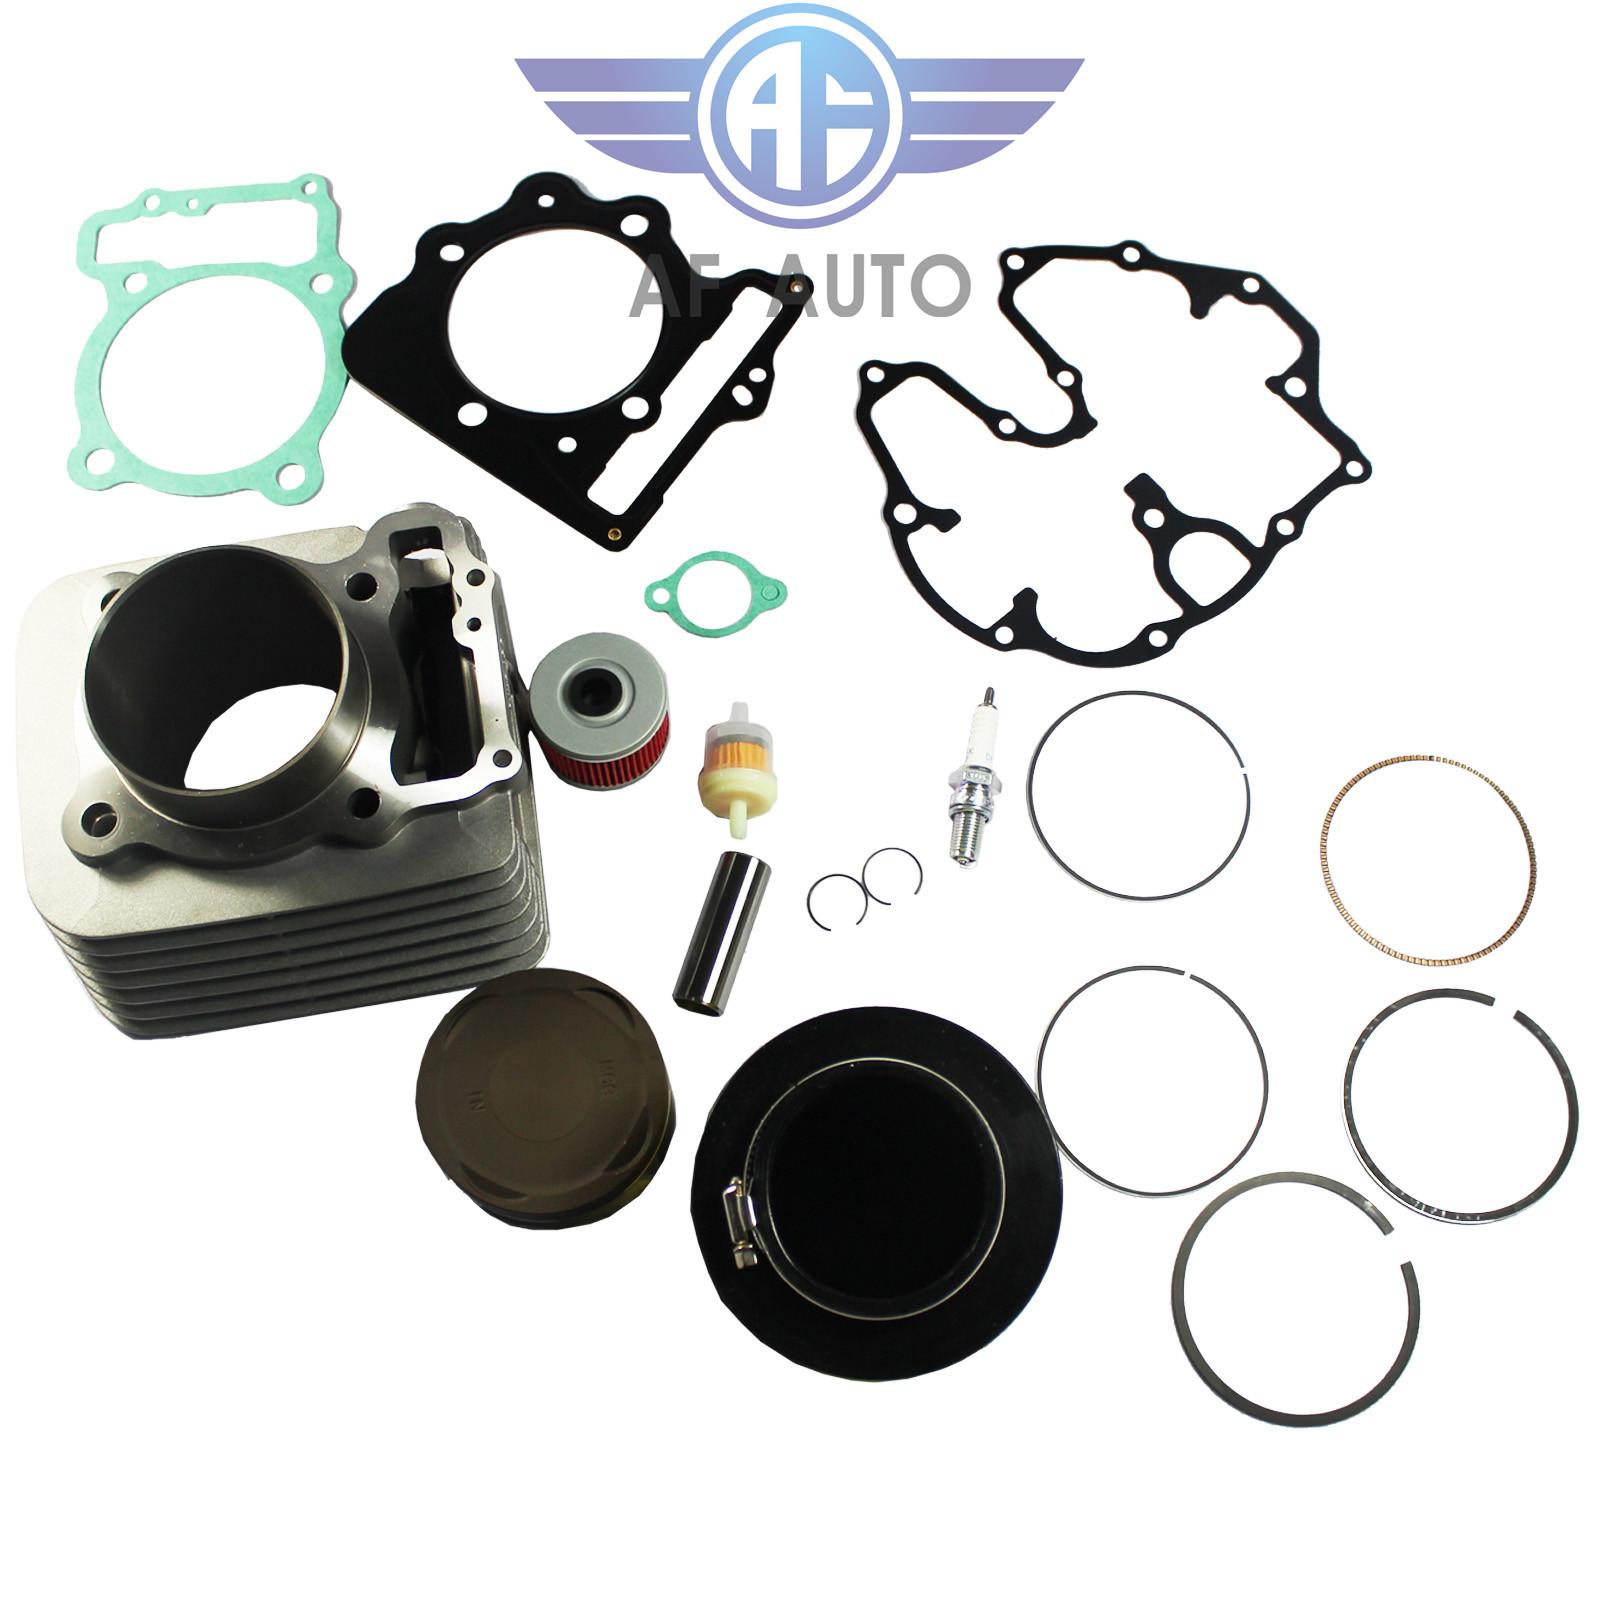 Top End Gasket Kit Fit 1999-2008 Honda Sportrax 400 TRX400EX 2x4 09-14 TRX400X